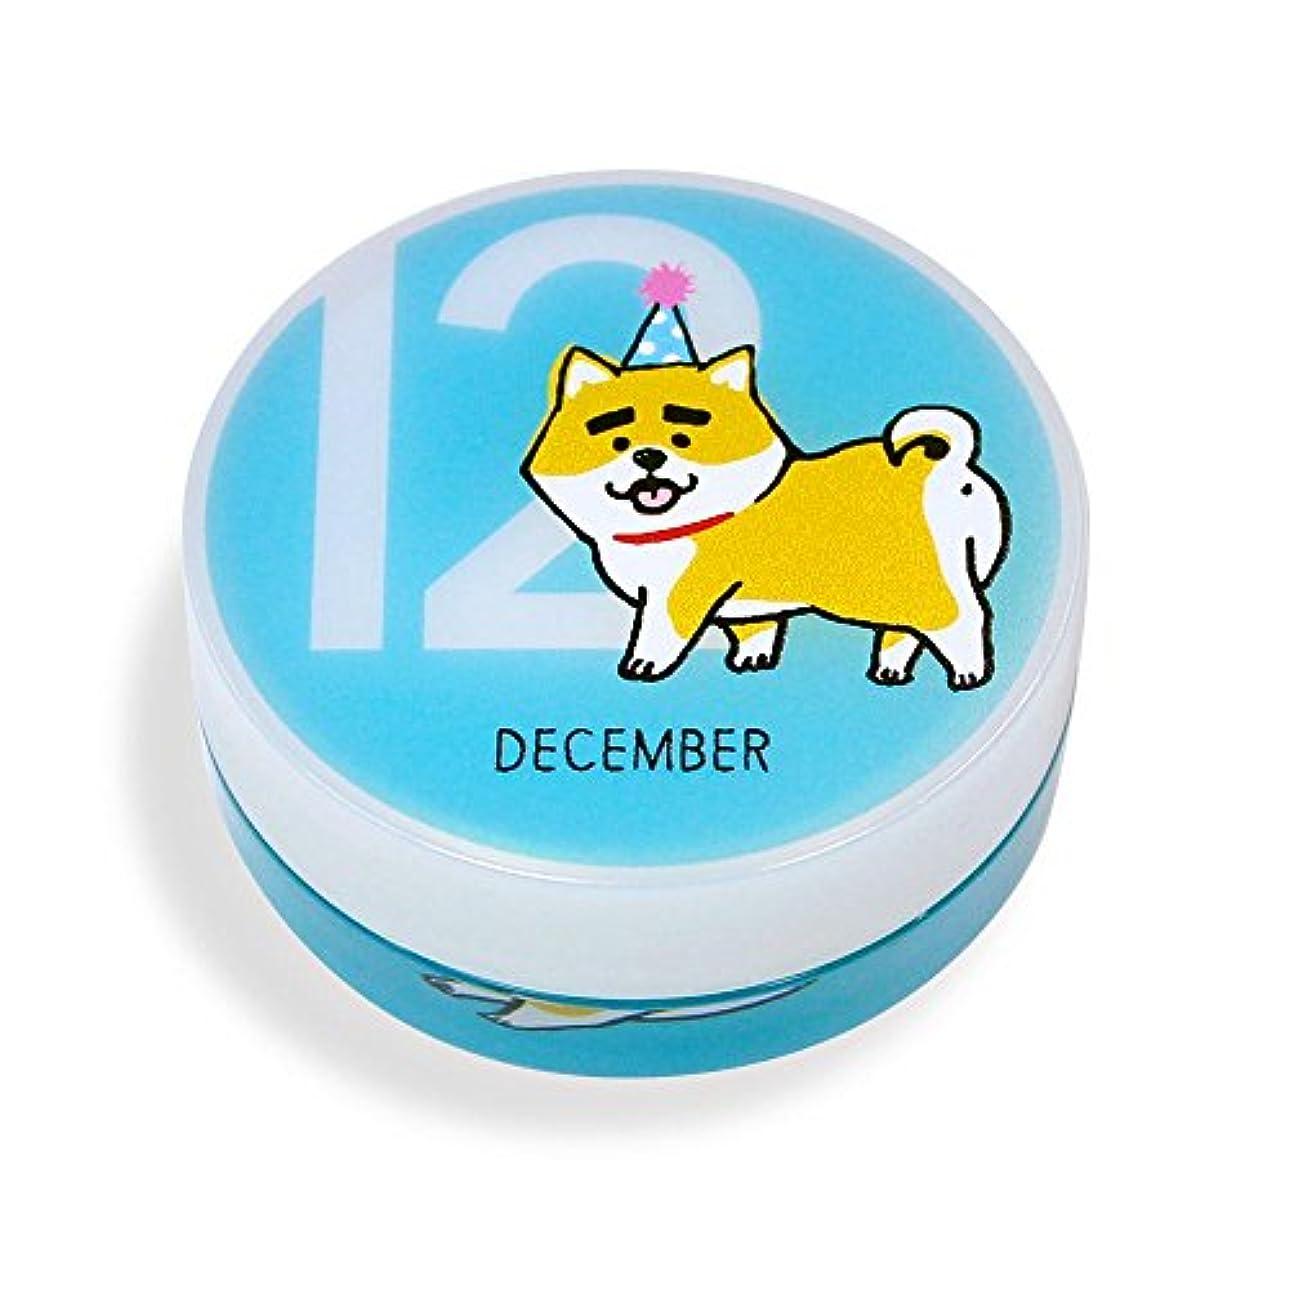 宣伝遊具見込みしばんばん フルプルクリーム 誕生月シリーズ 12月 20g